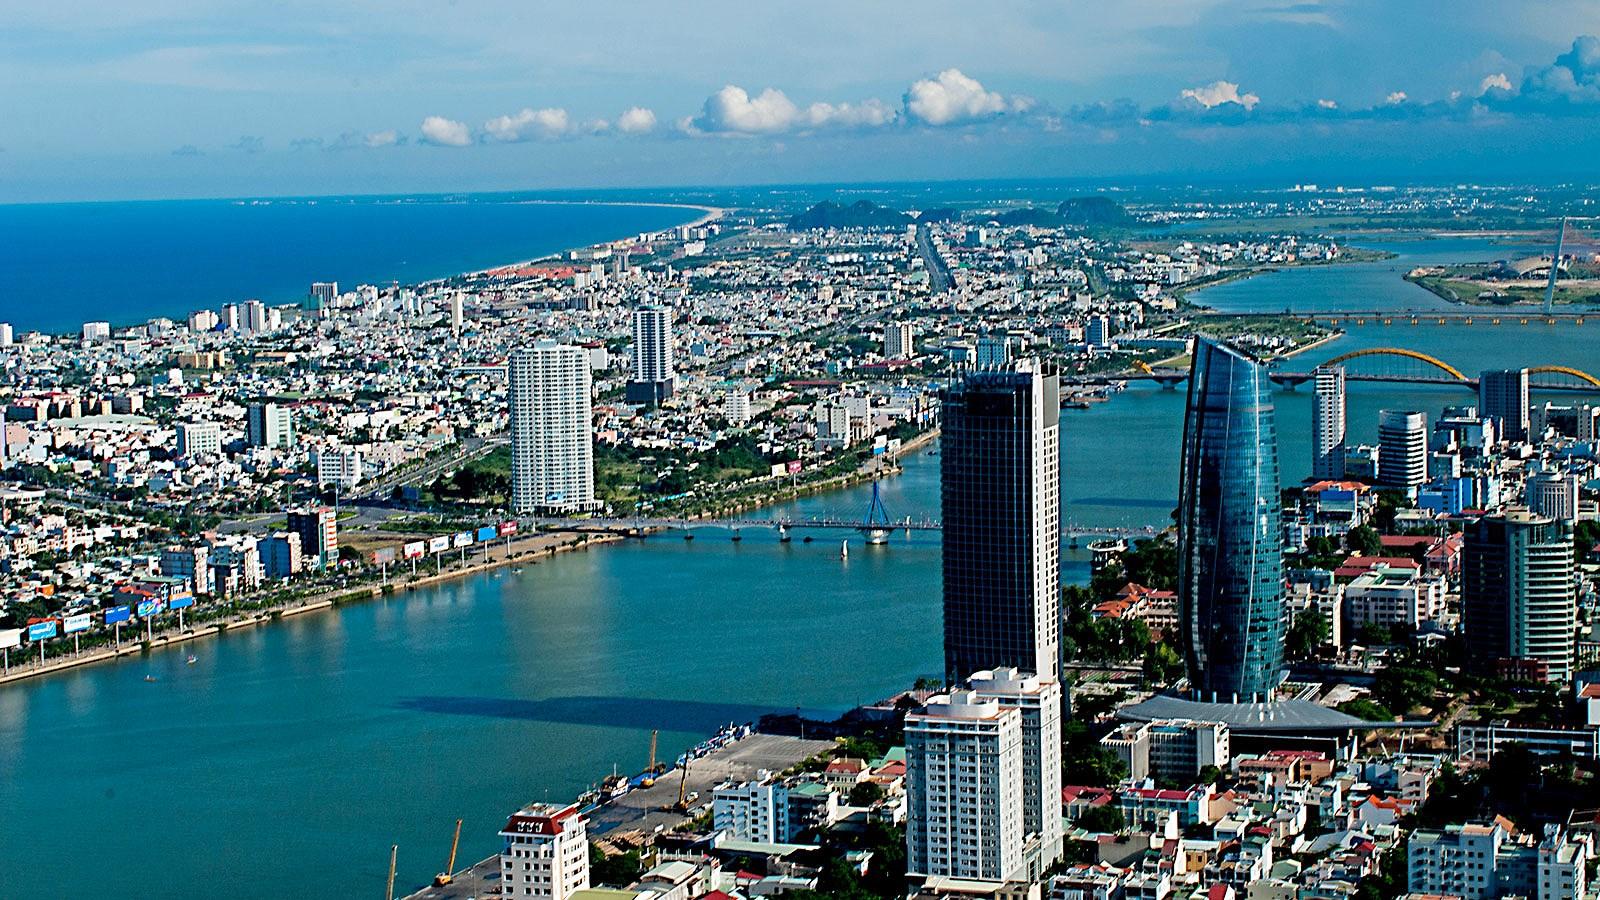 Thị trường bất động sản Đà Nẵng sẽ sôi động trong thời gian tới